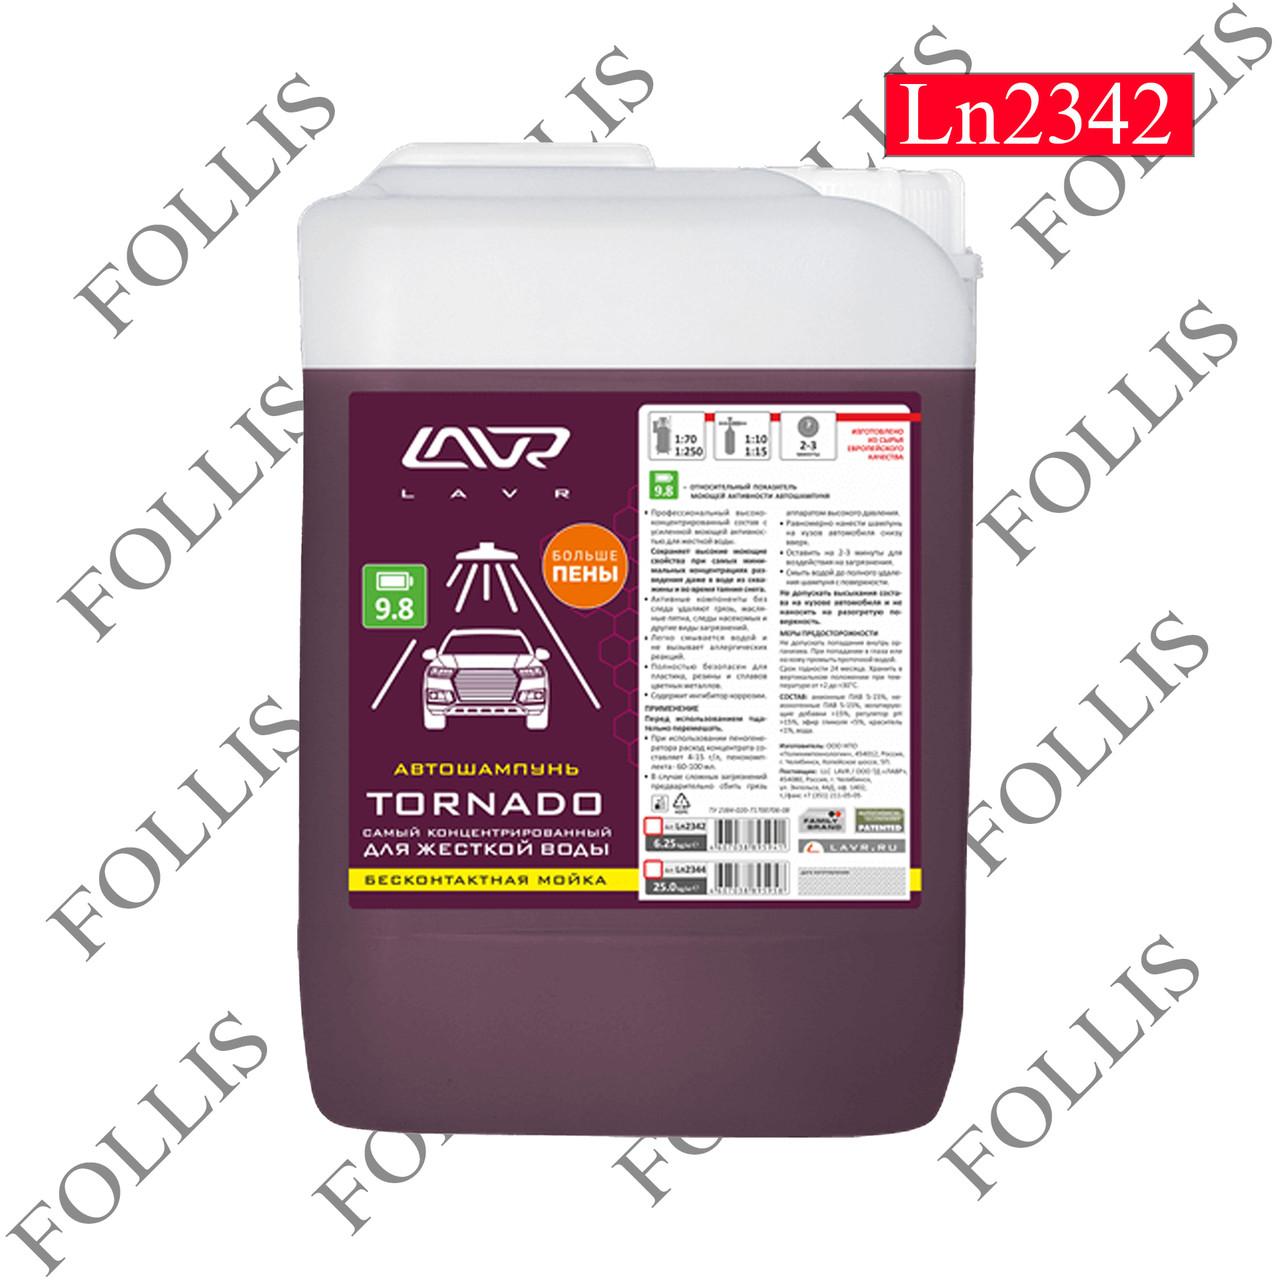 """Автошам для бесконтактной мойки """"TORNADO"""" самый концентрированный для жес воды 9.8 (1:110-20 5л"""